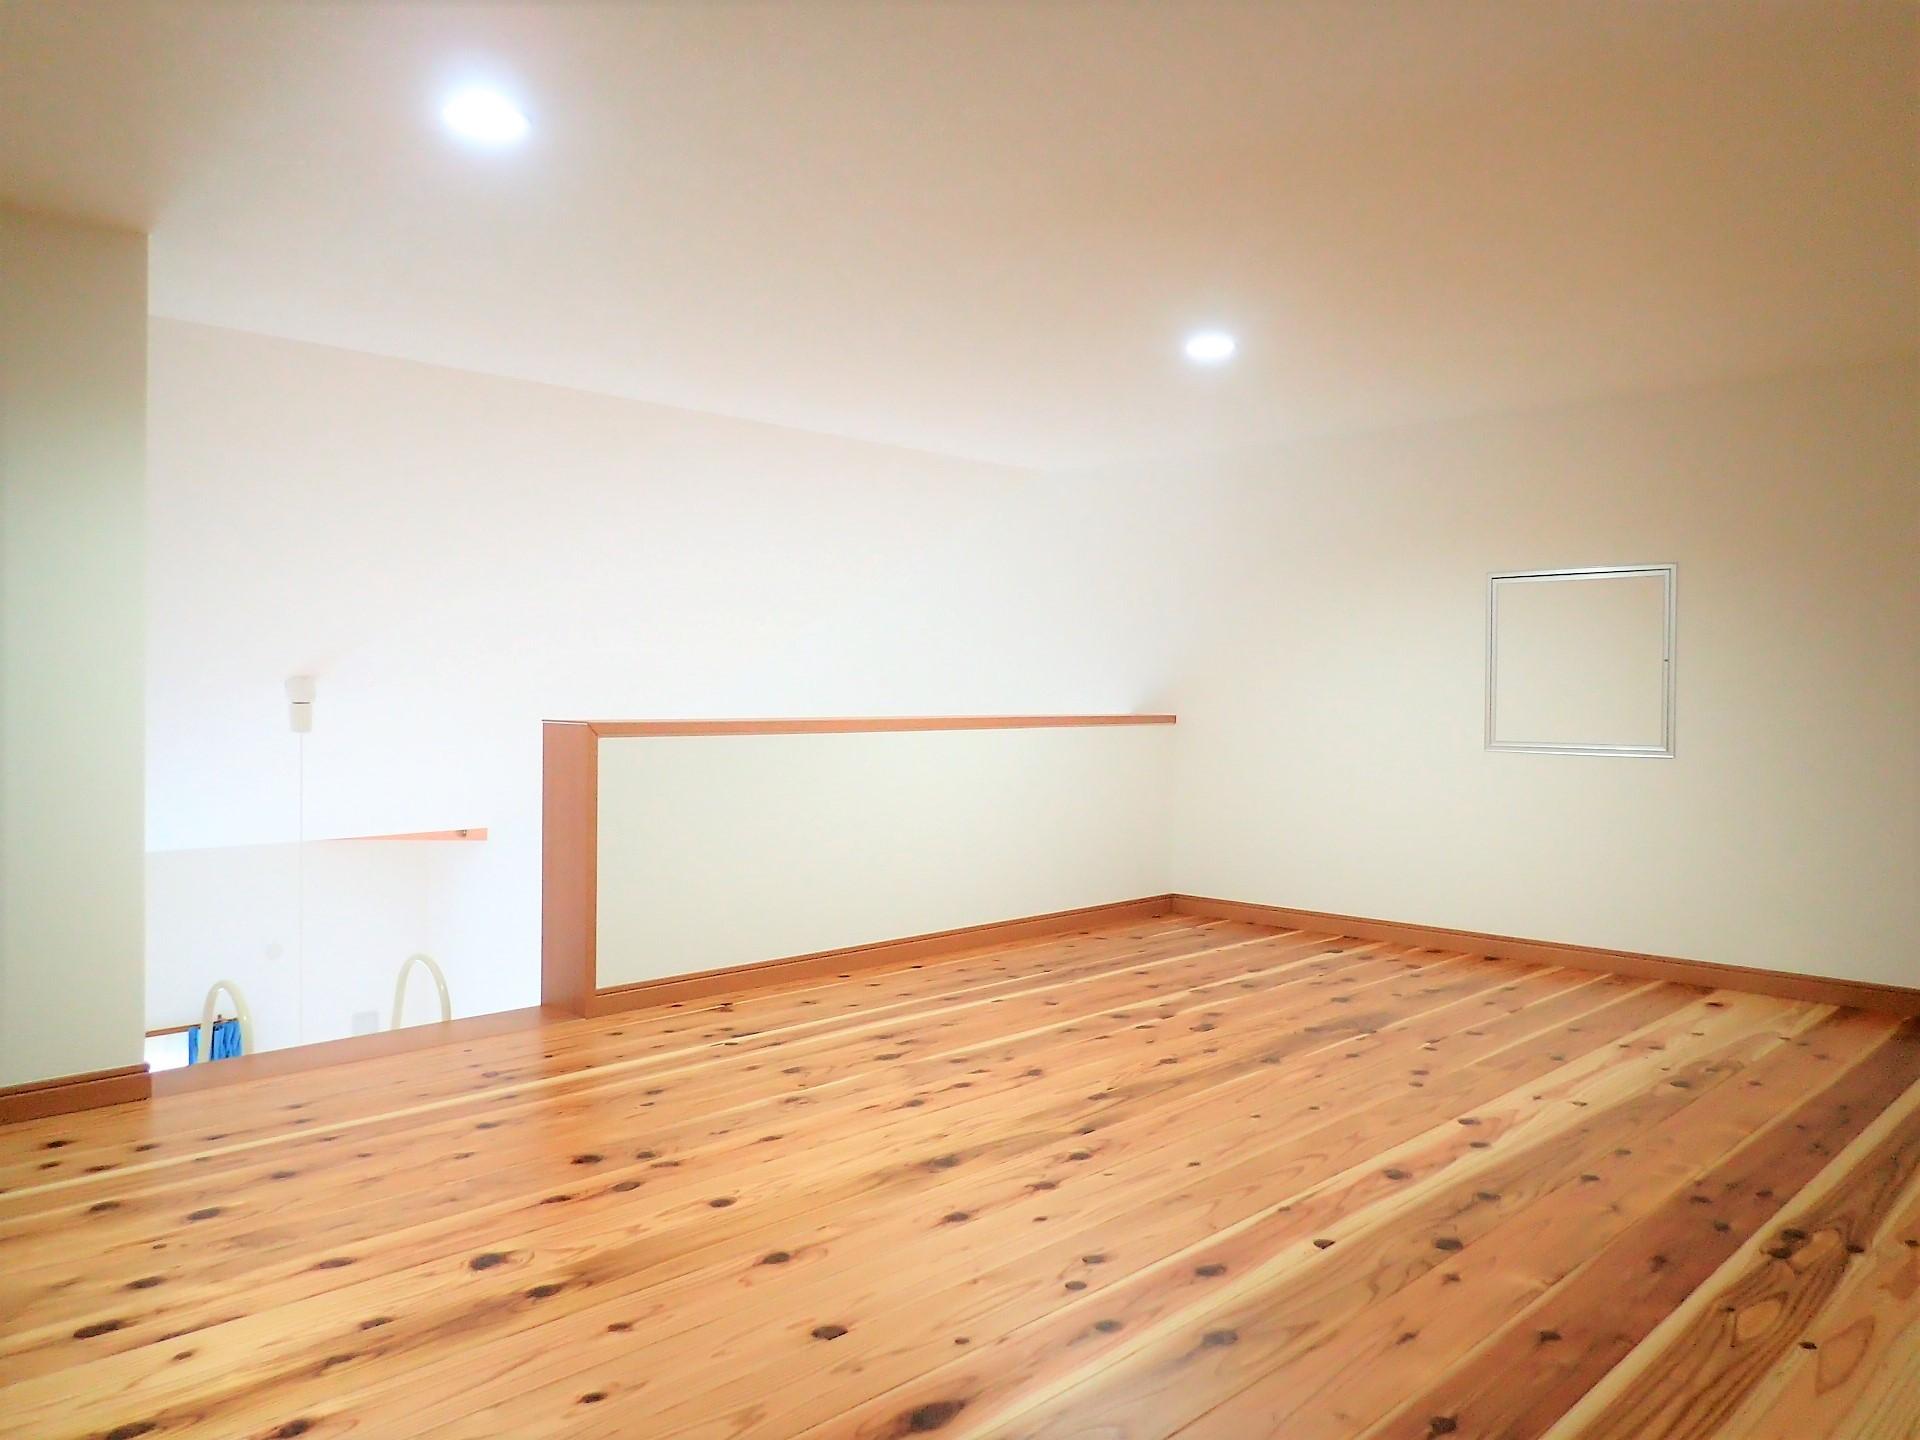 収納事例:小屋裏ロフト(無垢桧をふんだんに使ったお風呂で木の香りに包まれた保養所)